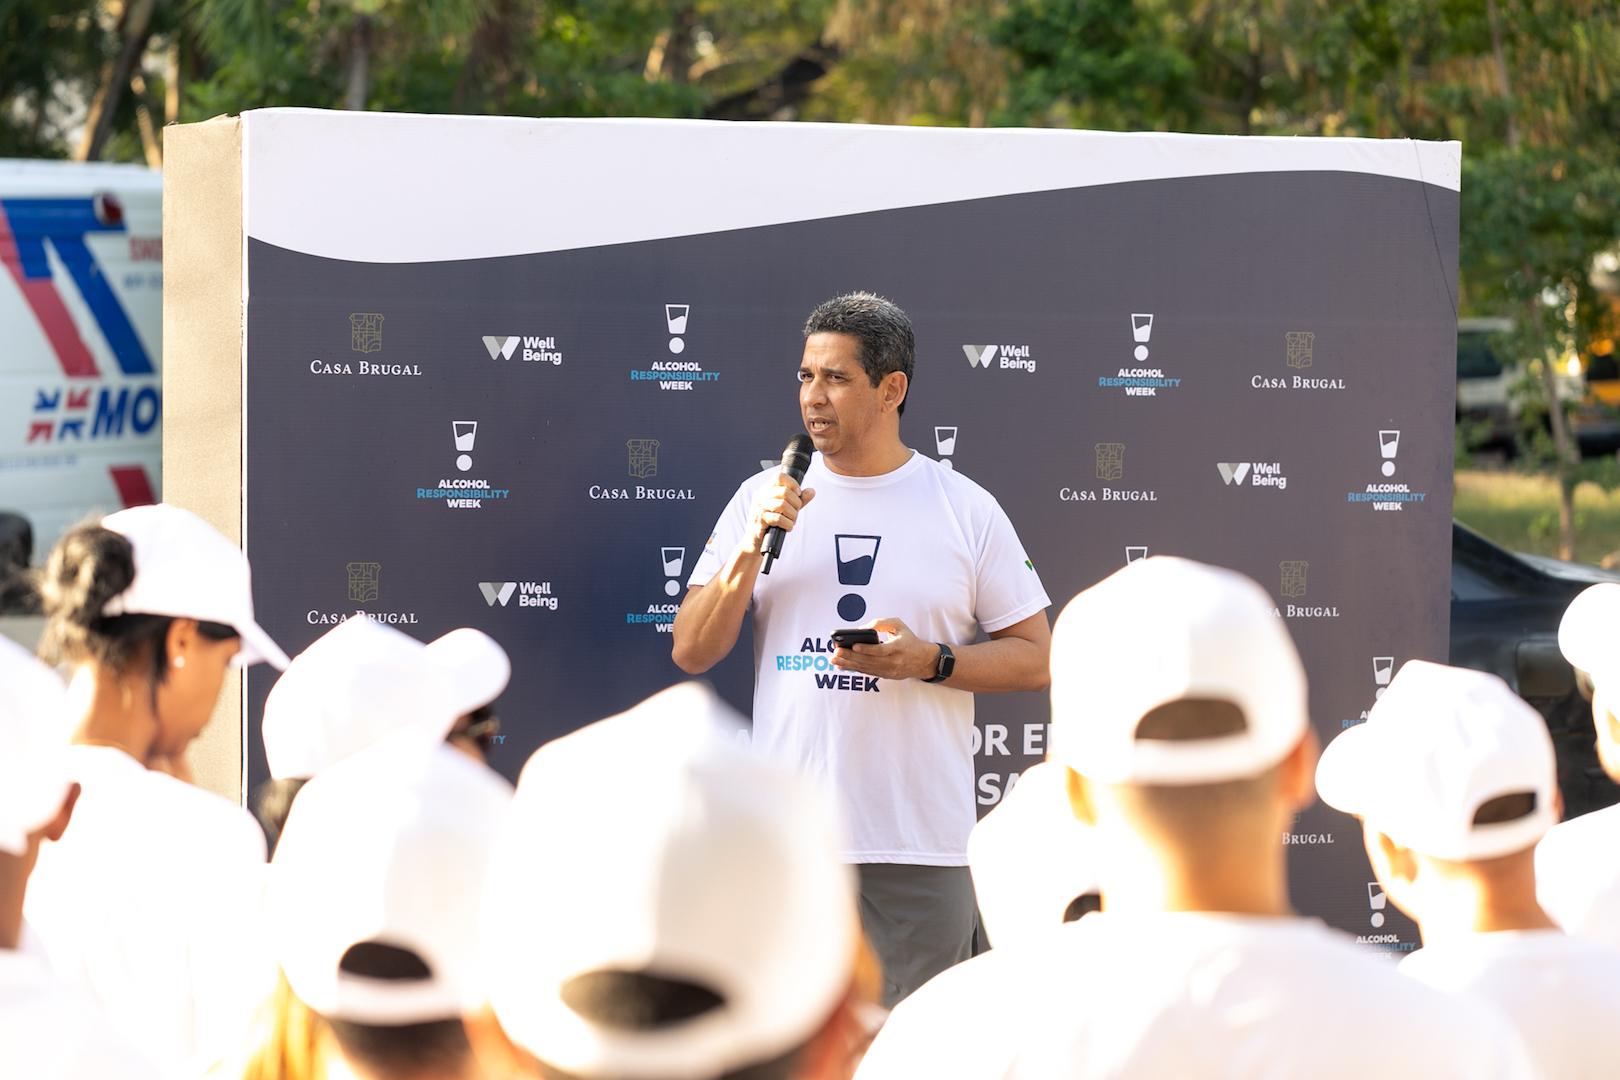 1. foto principal augusto ramírez, presidente de casa brugal, durante las palabras de bienvenida a la caminata de santo domingo